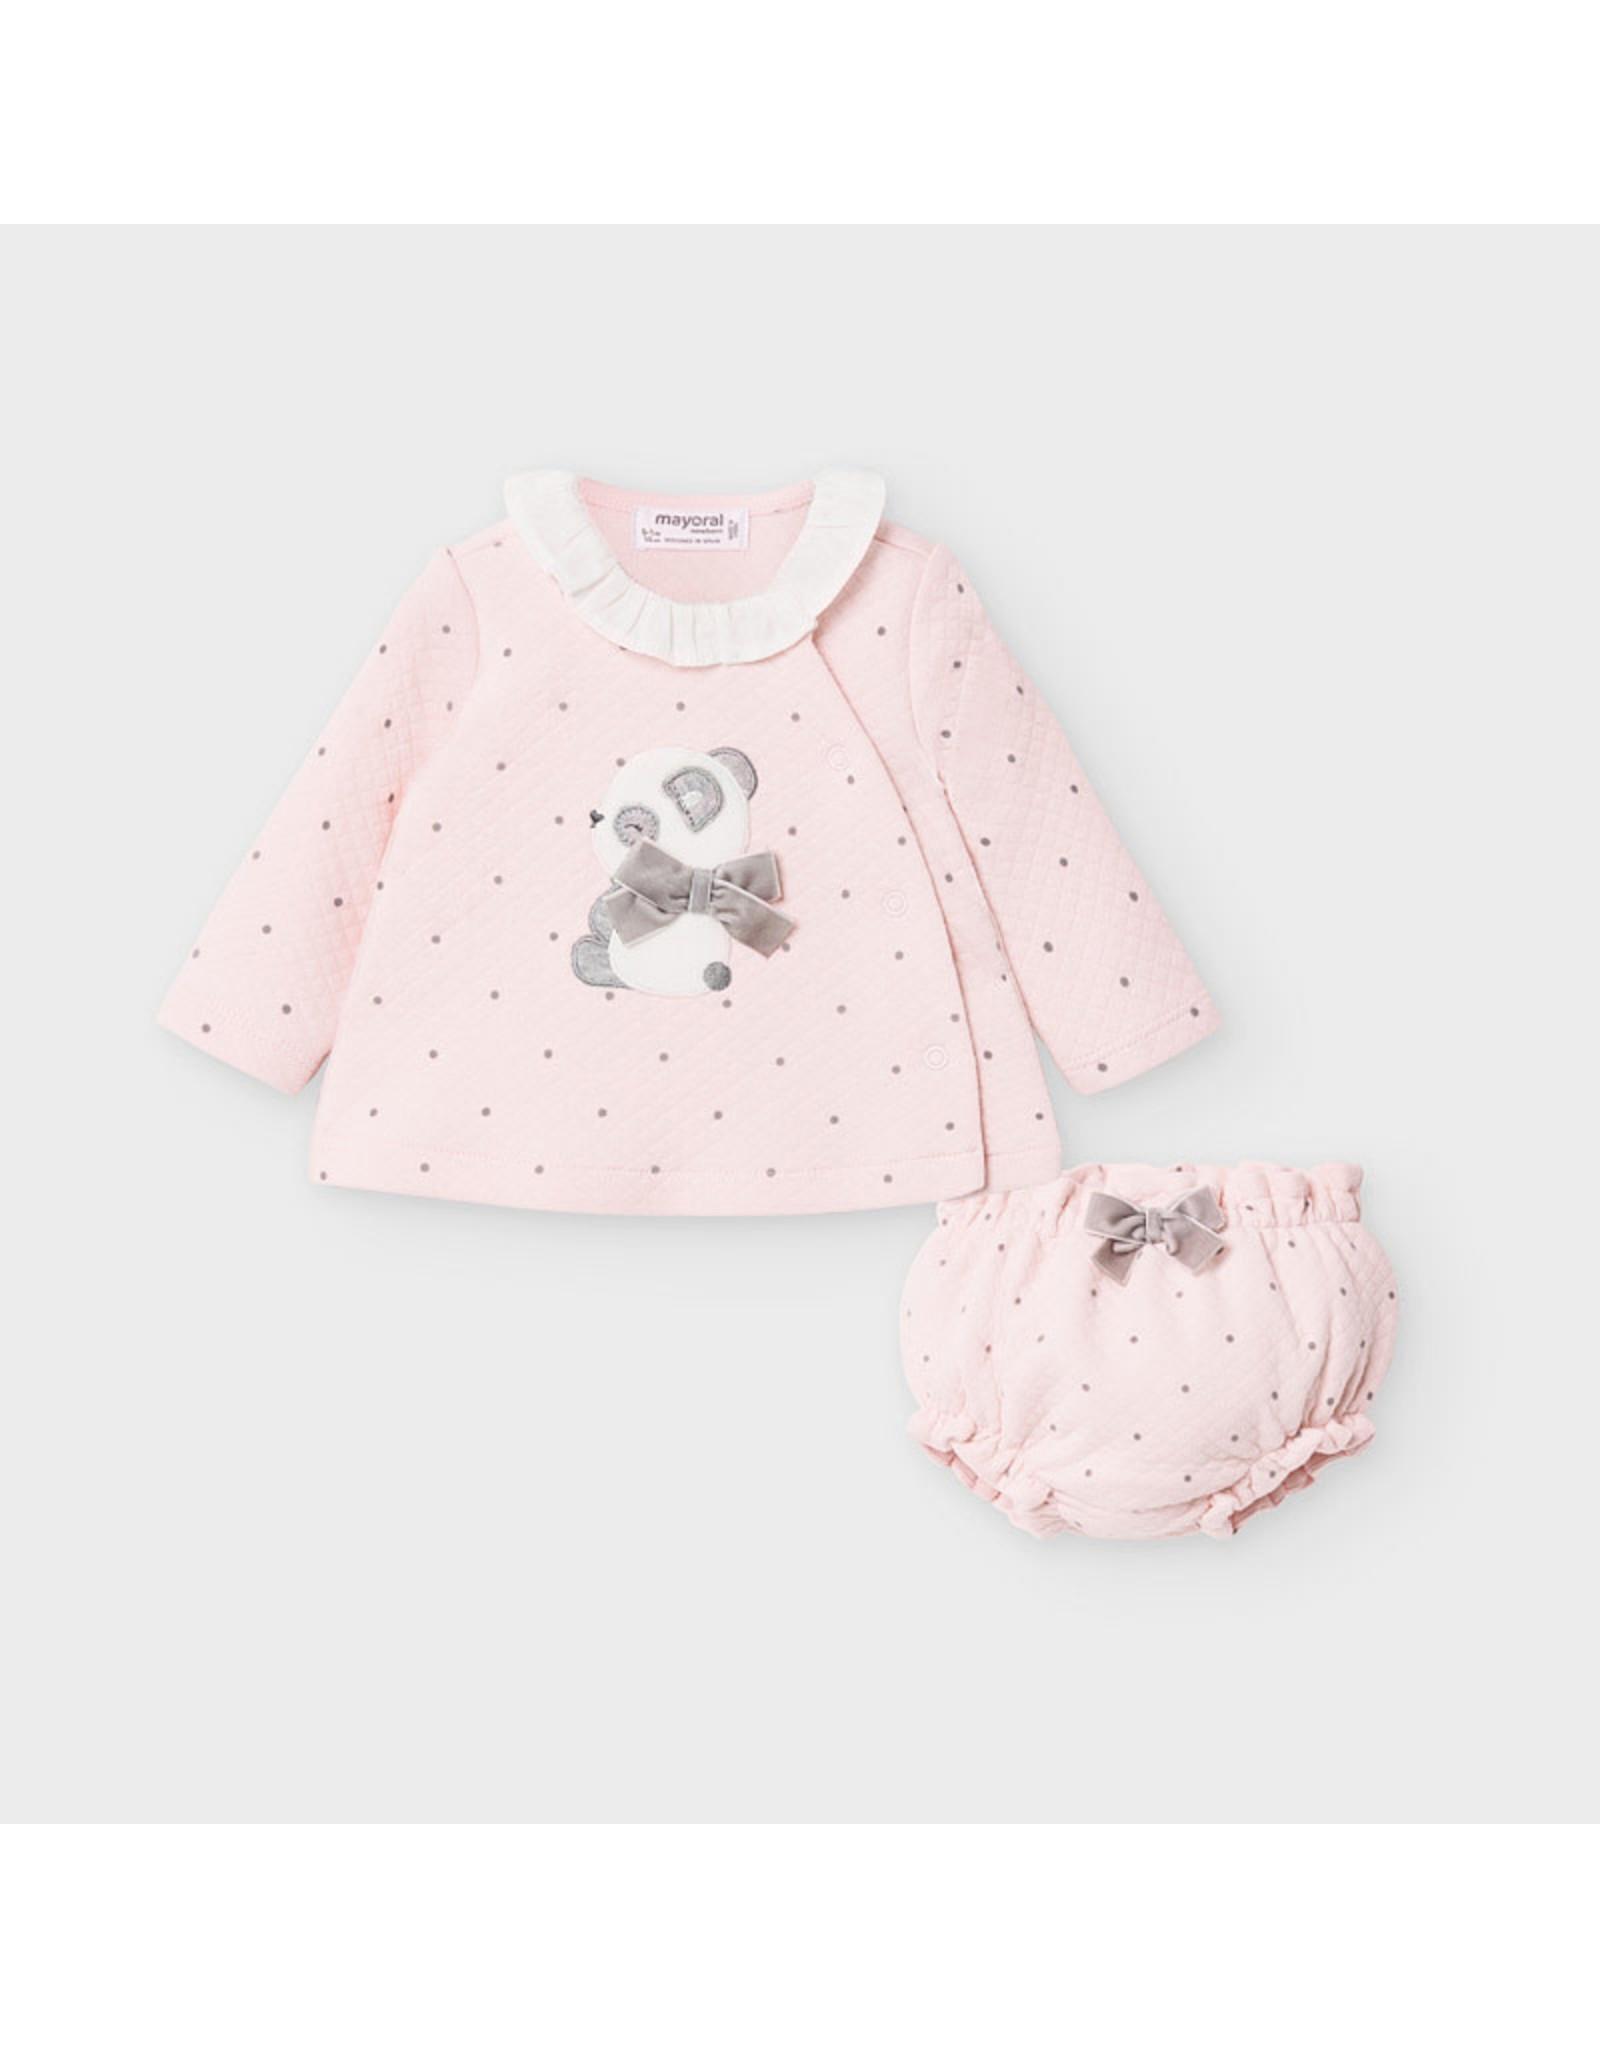 Mayoral Rose Shirt/Bloomer Set